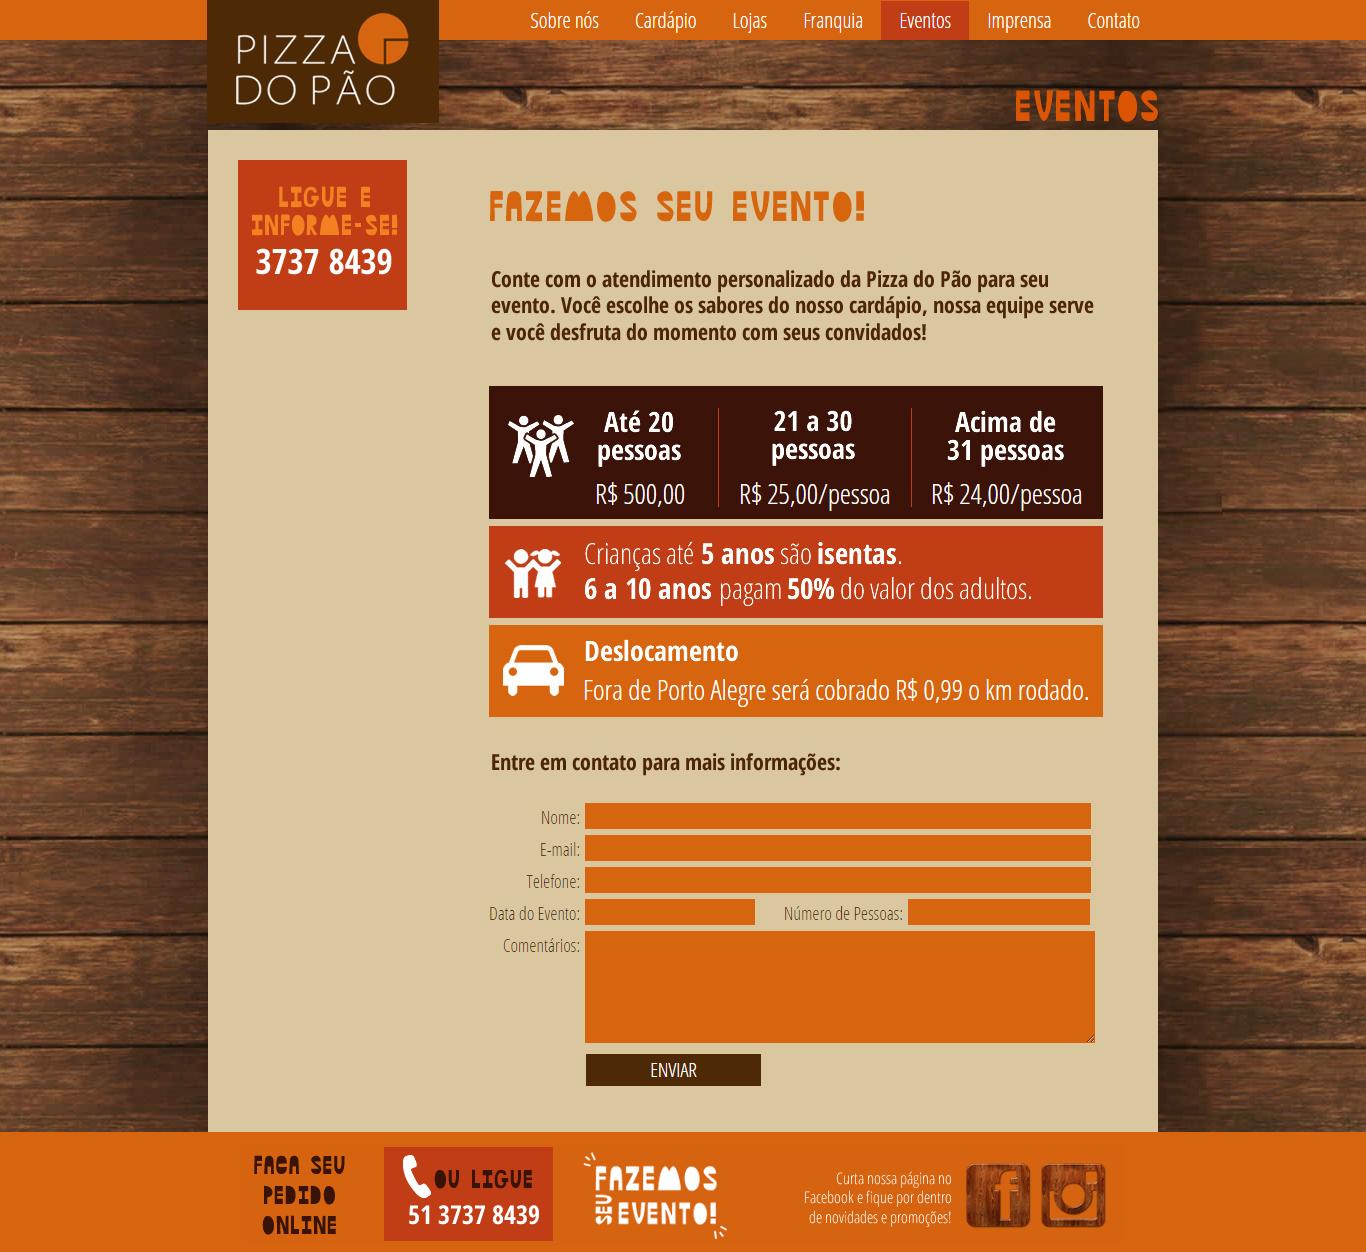 2014 - pizzadopao 5